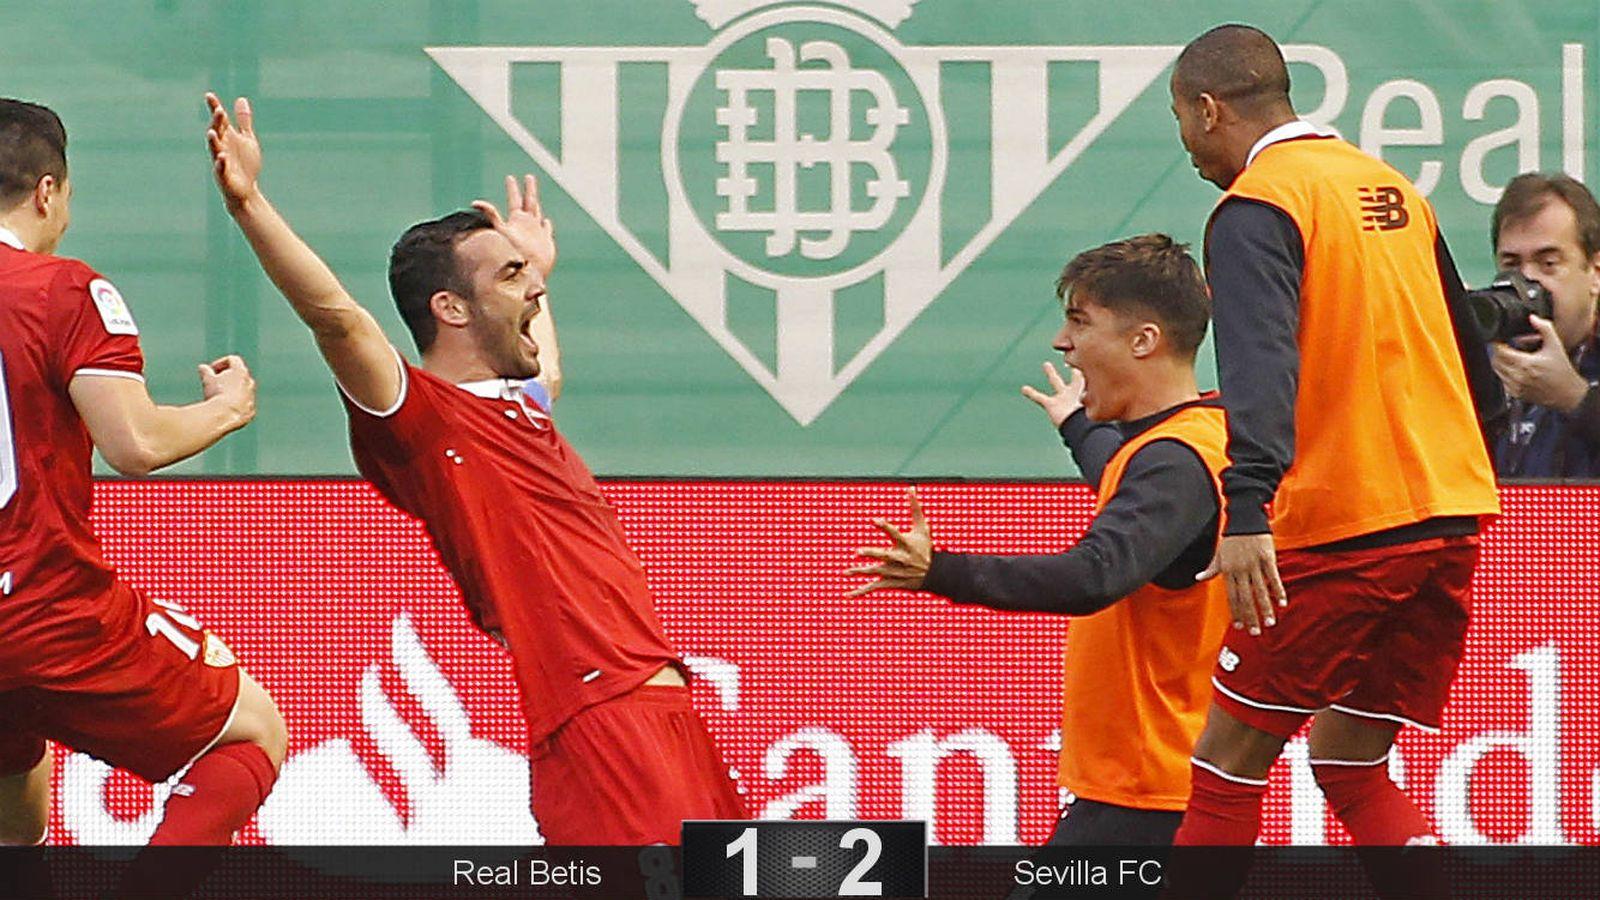 Foto: Iborra sentenció el derbi sevillano, marcando el gol definitivo y activando a su equipo cuando estaba dormido (EFE)